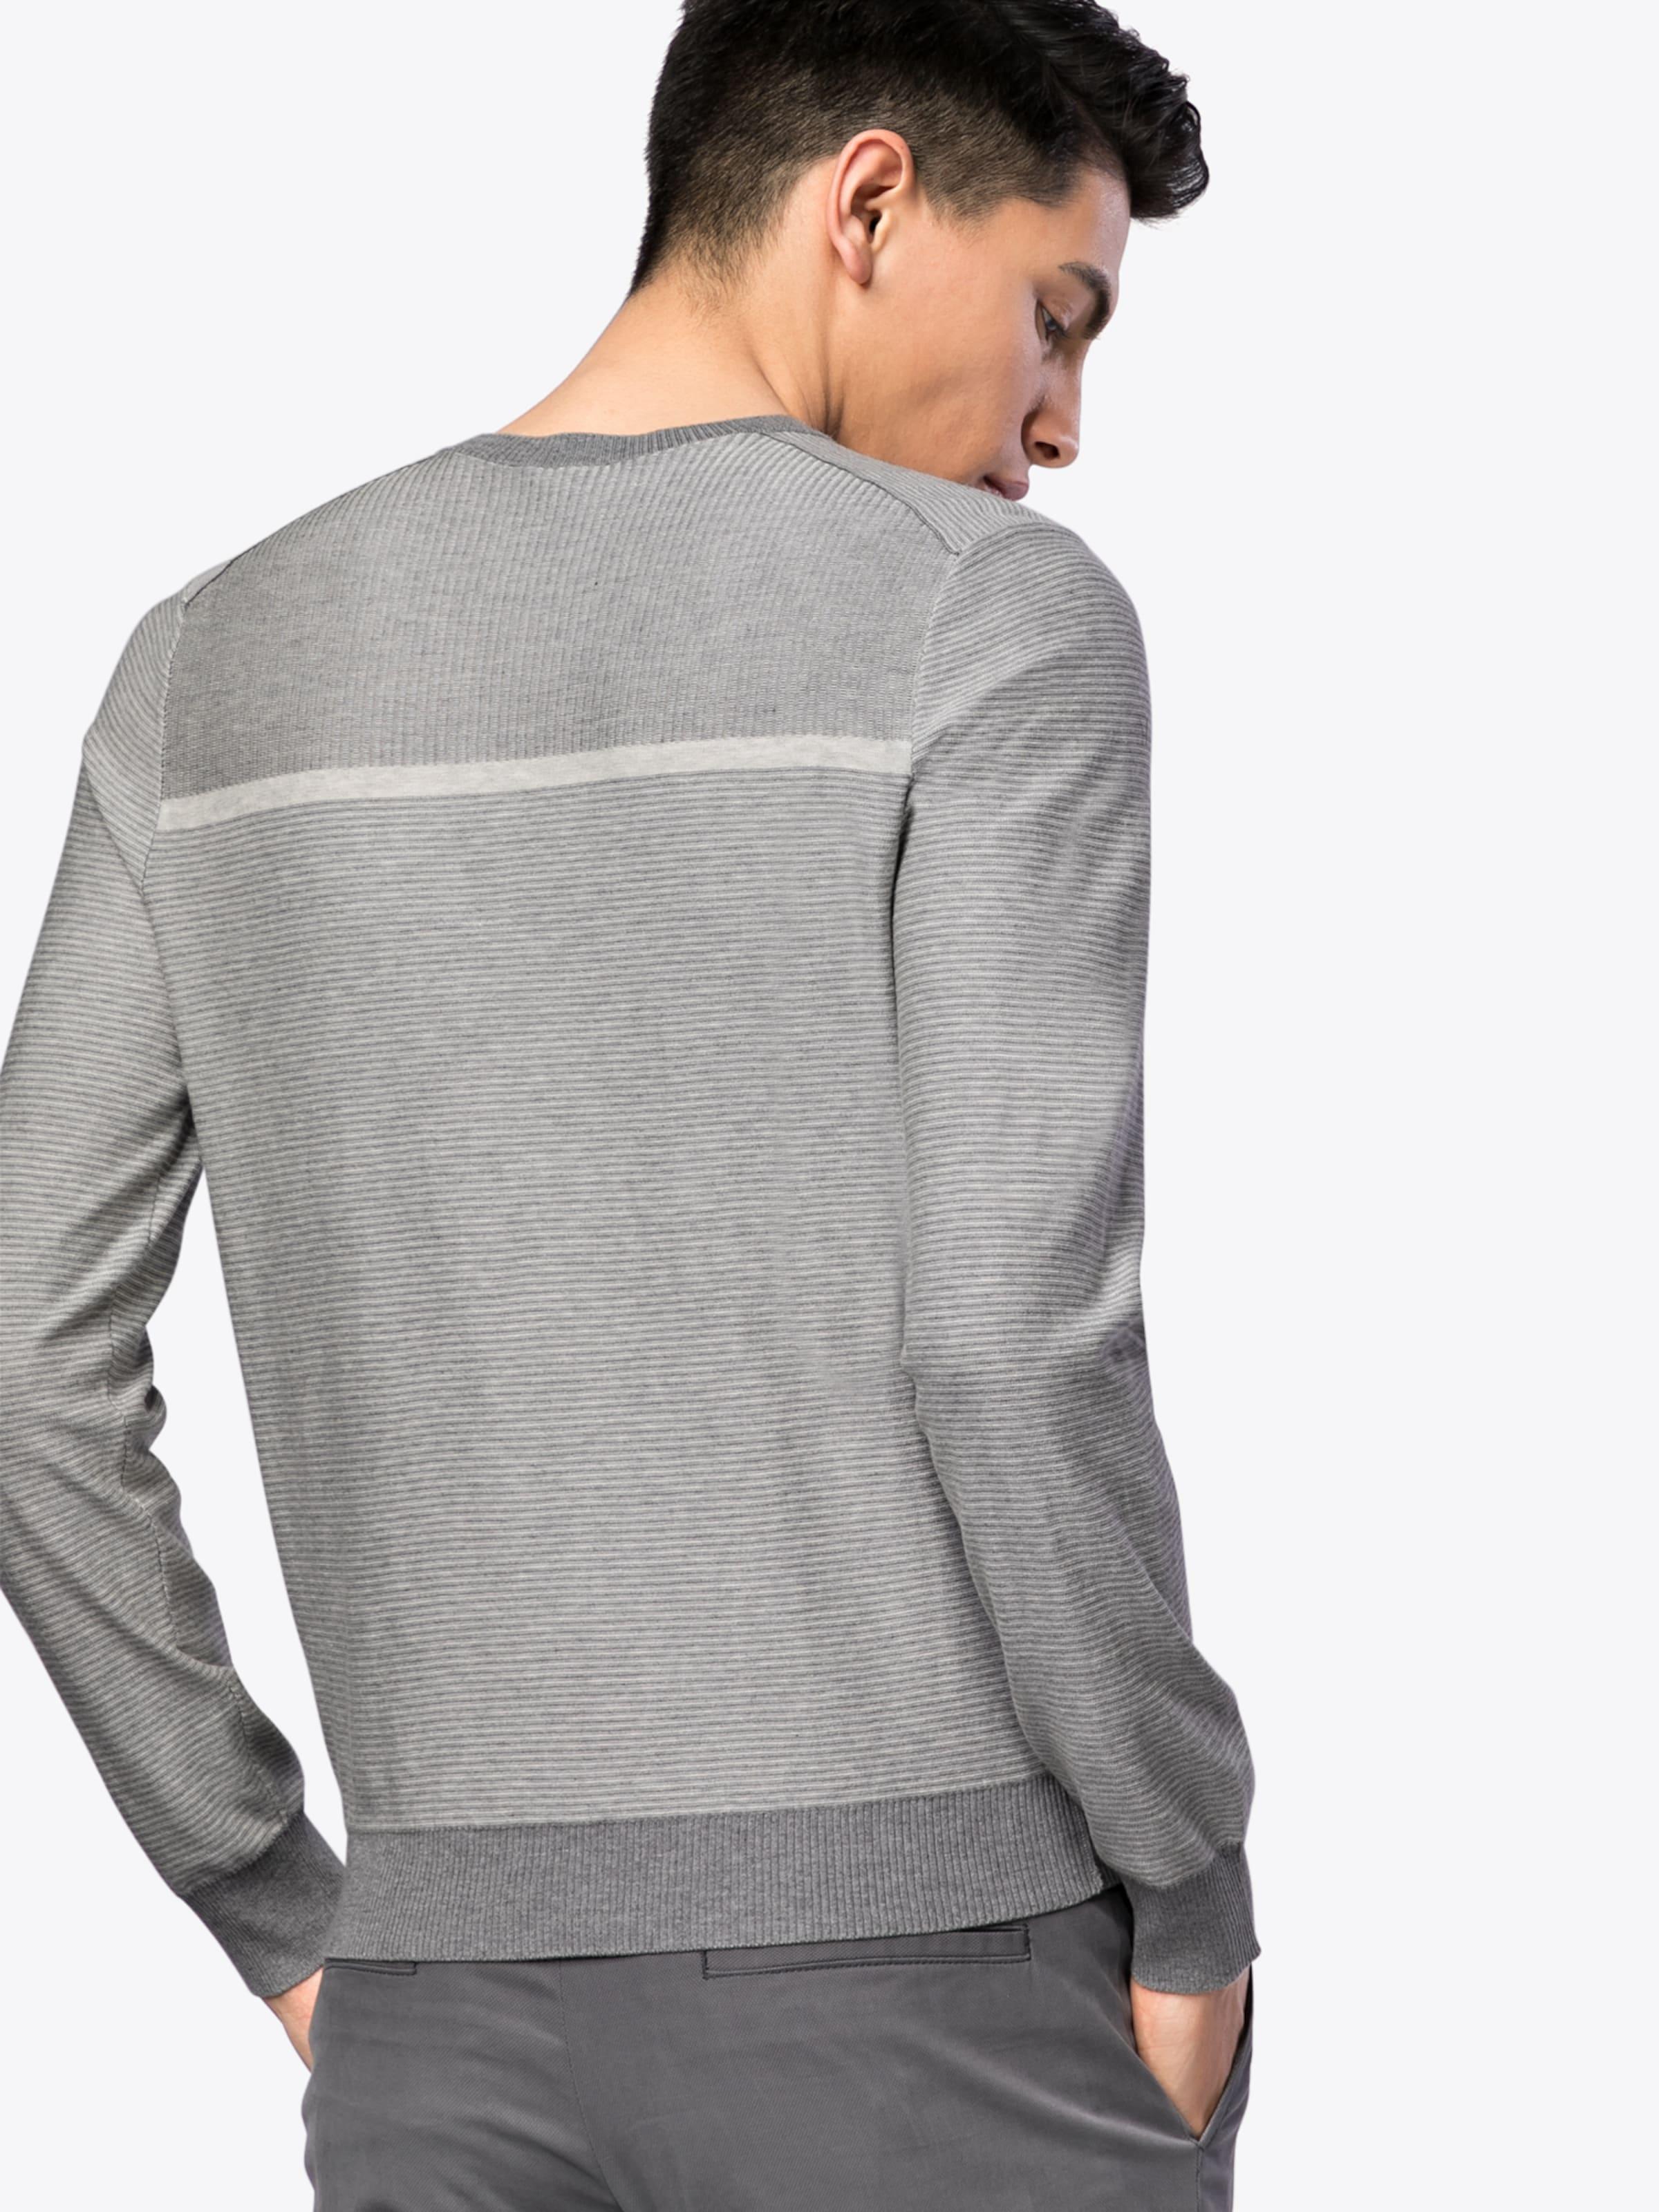 Wie Viel BOSS Pullover 'Kipaue' Outlet Billige Qualität Rabatt Amazon Shop Online-Verkauf Billig Authentisch sQFUQ